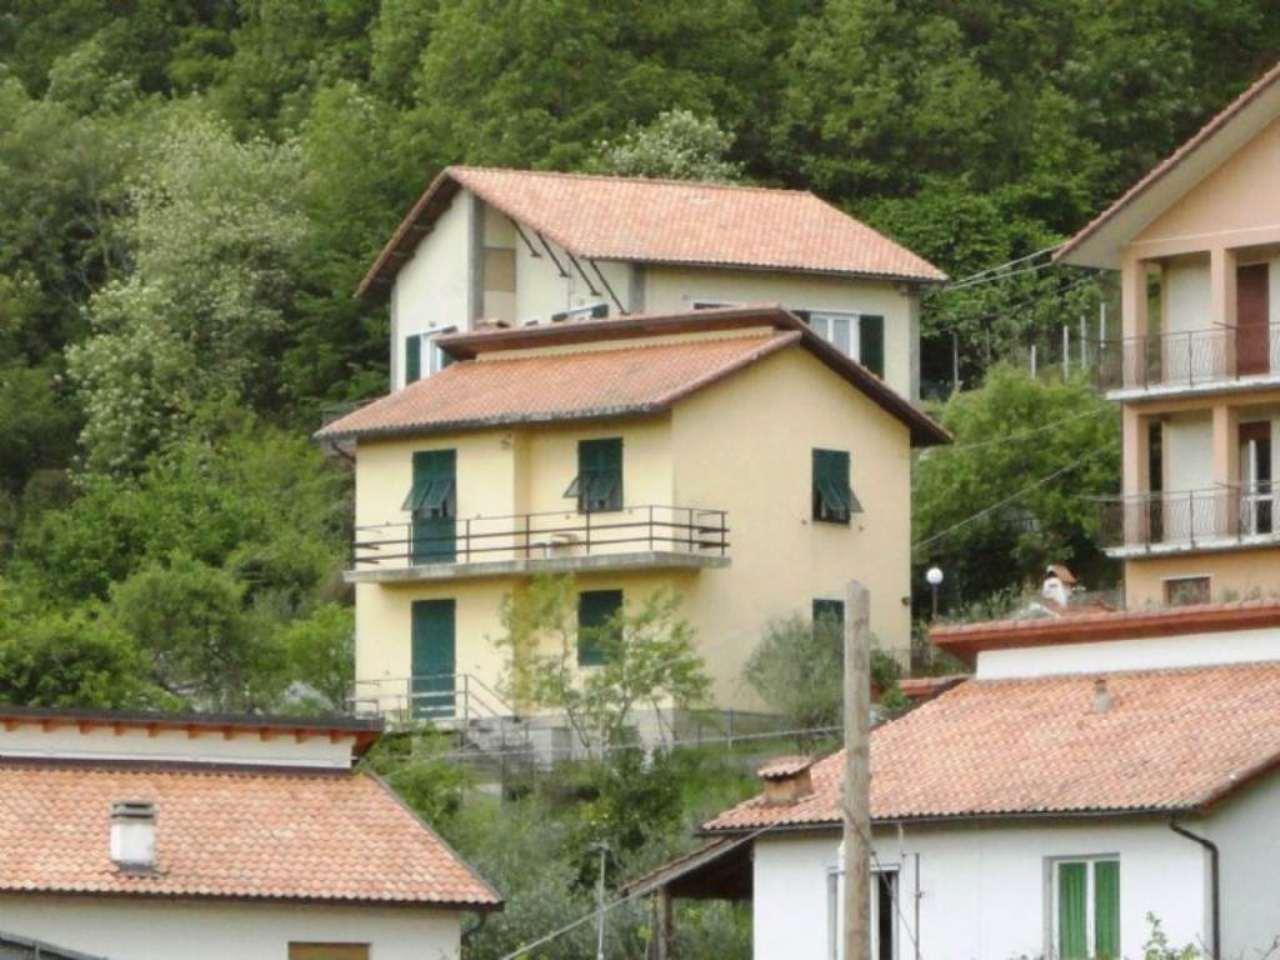 Appartamento in vendita a Lumarzo, 4 locali, prezzo € 68.000 | Cambio Casa.it